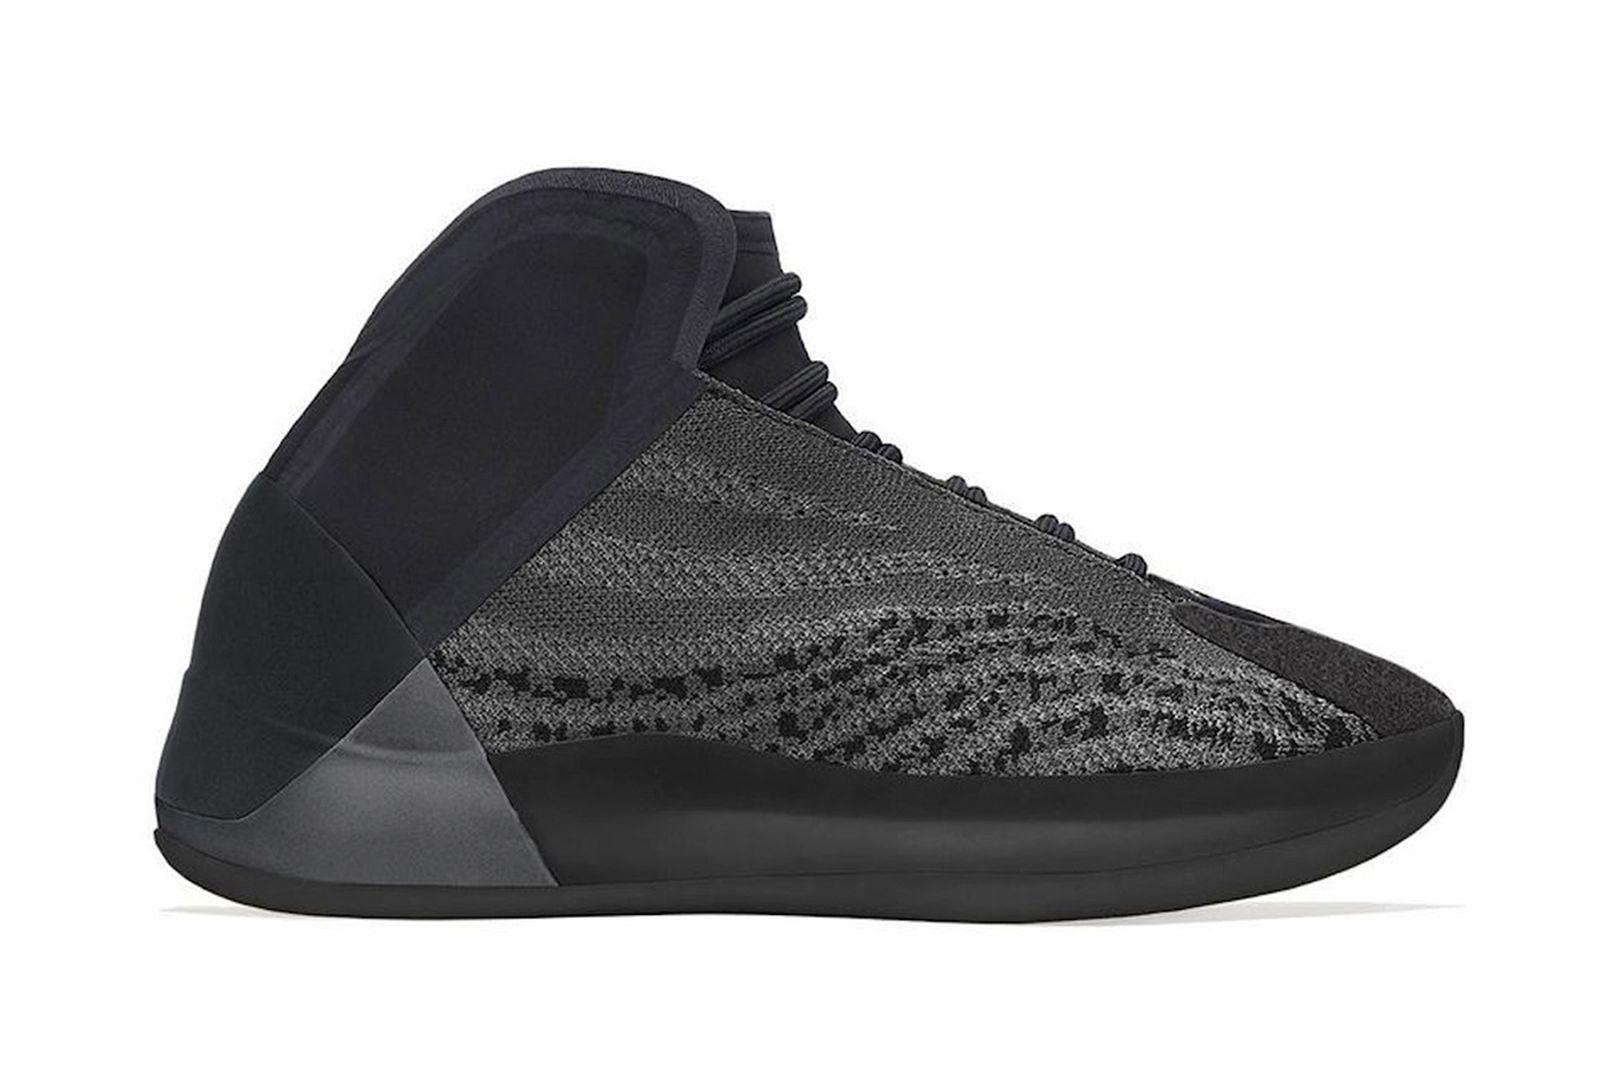 adidas-yeezy-quantum-onyx-release-date-price-01